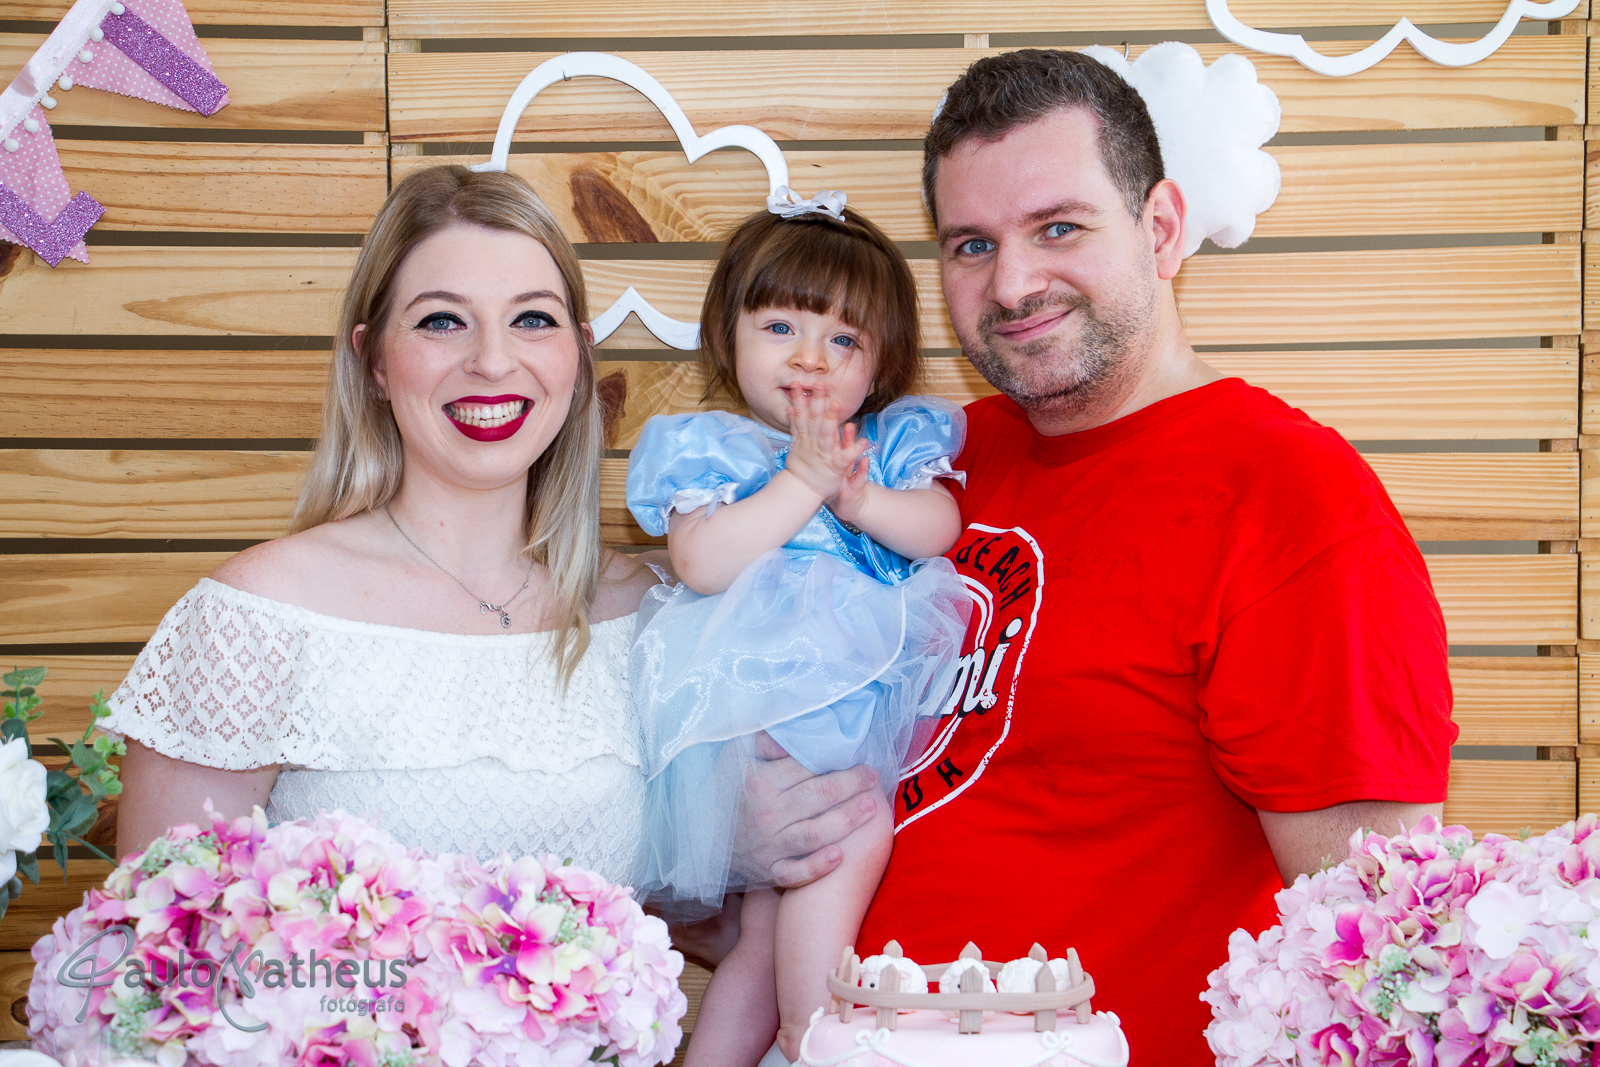 fotografia na mesa do bolo em festa de um ano